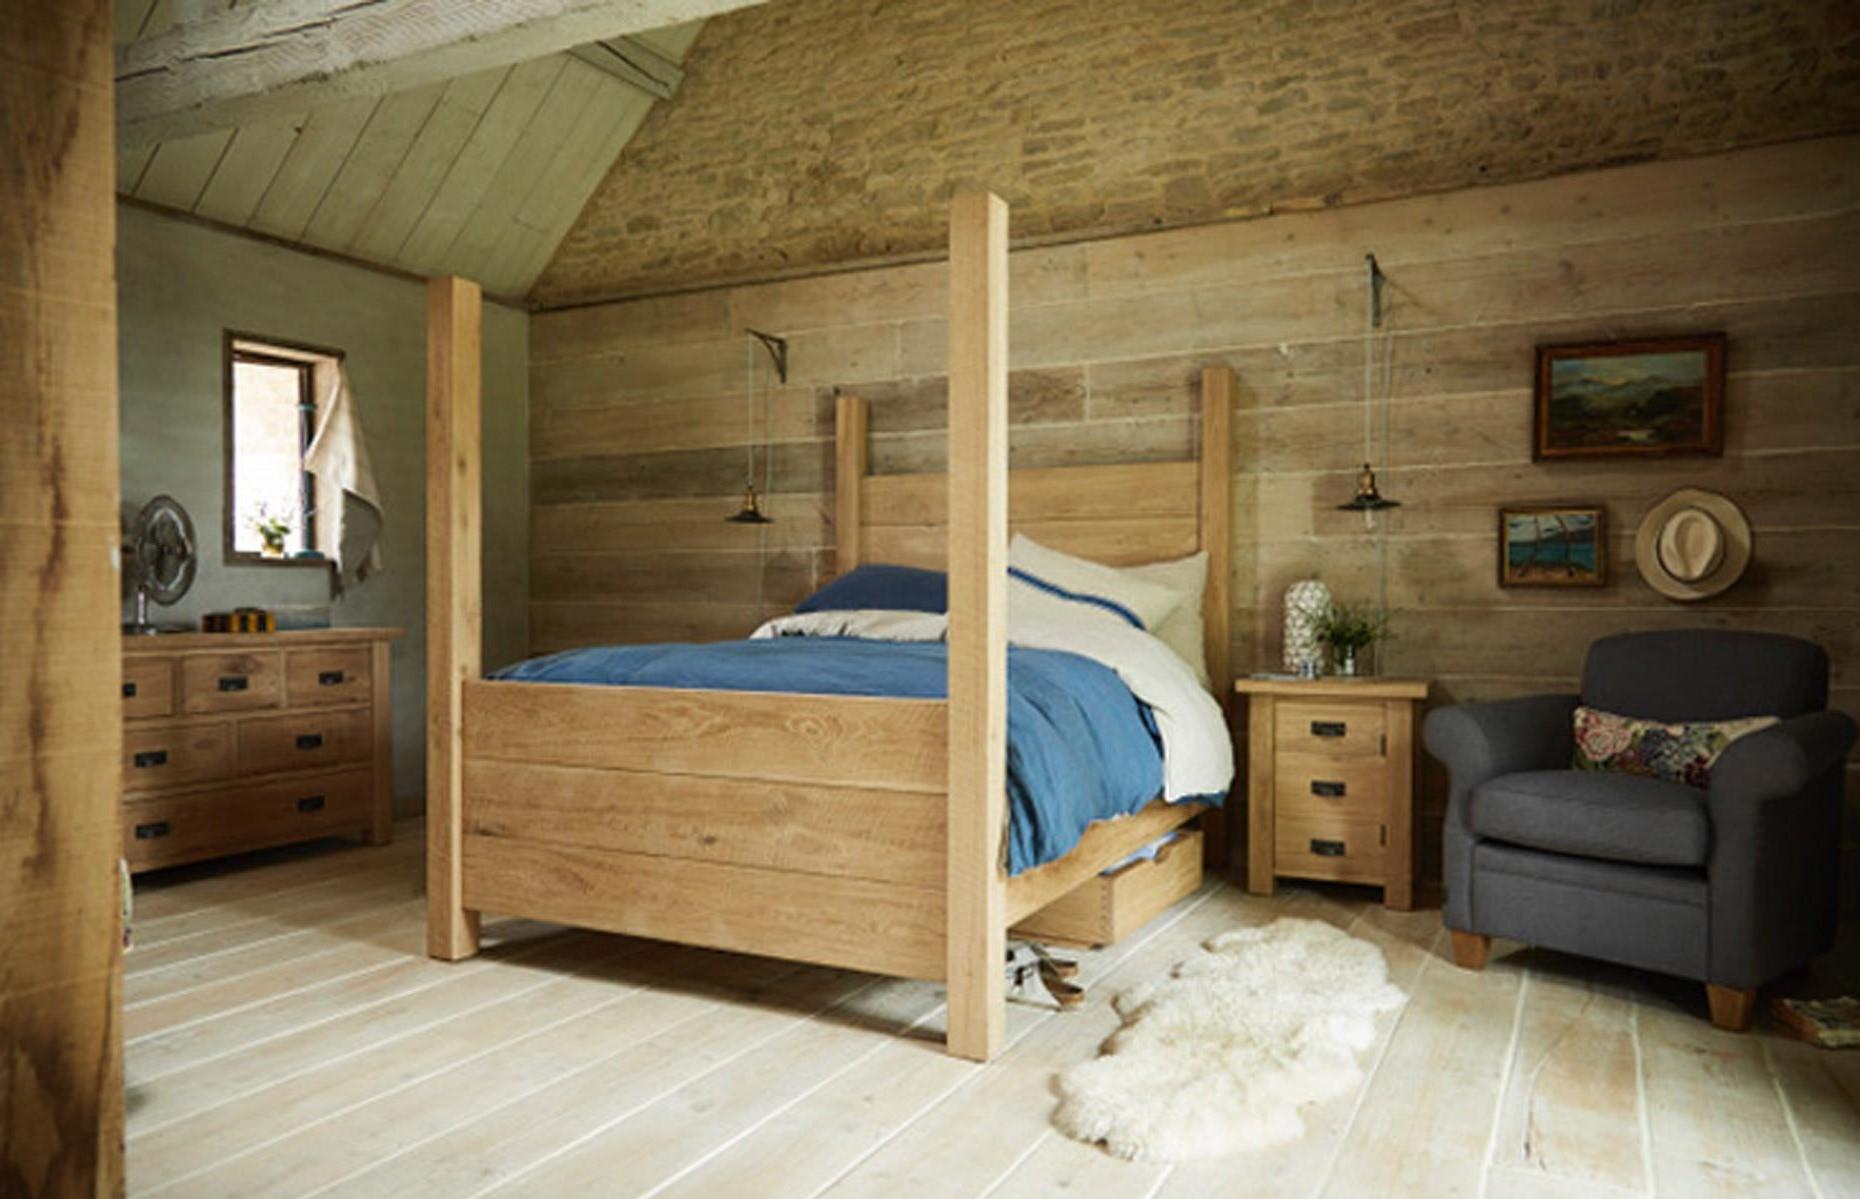 Aménagement sous combles: Investissez dans un lit à baldaquin.